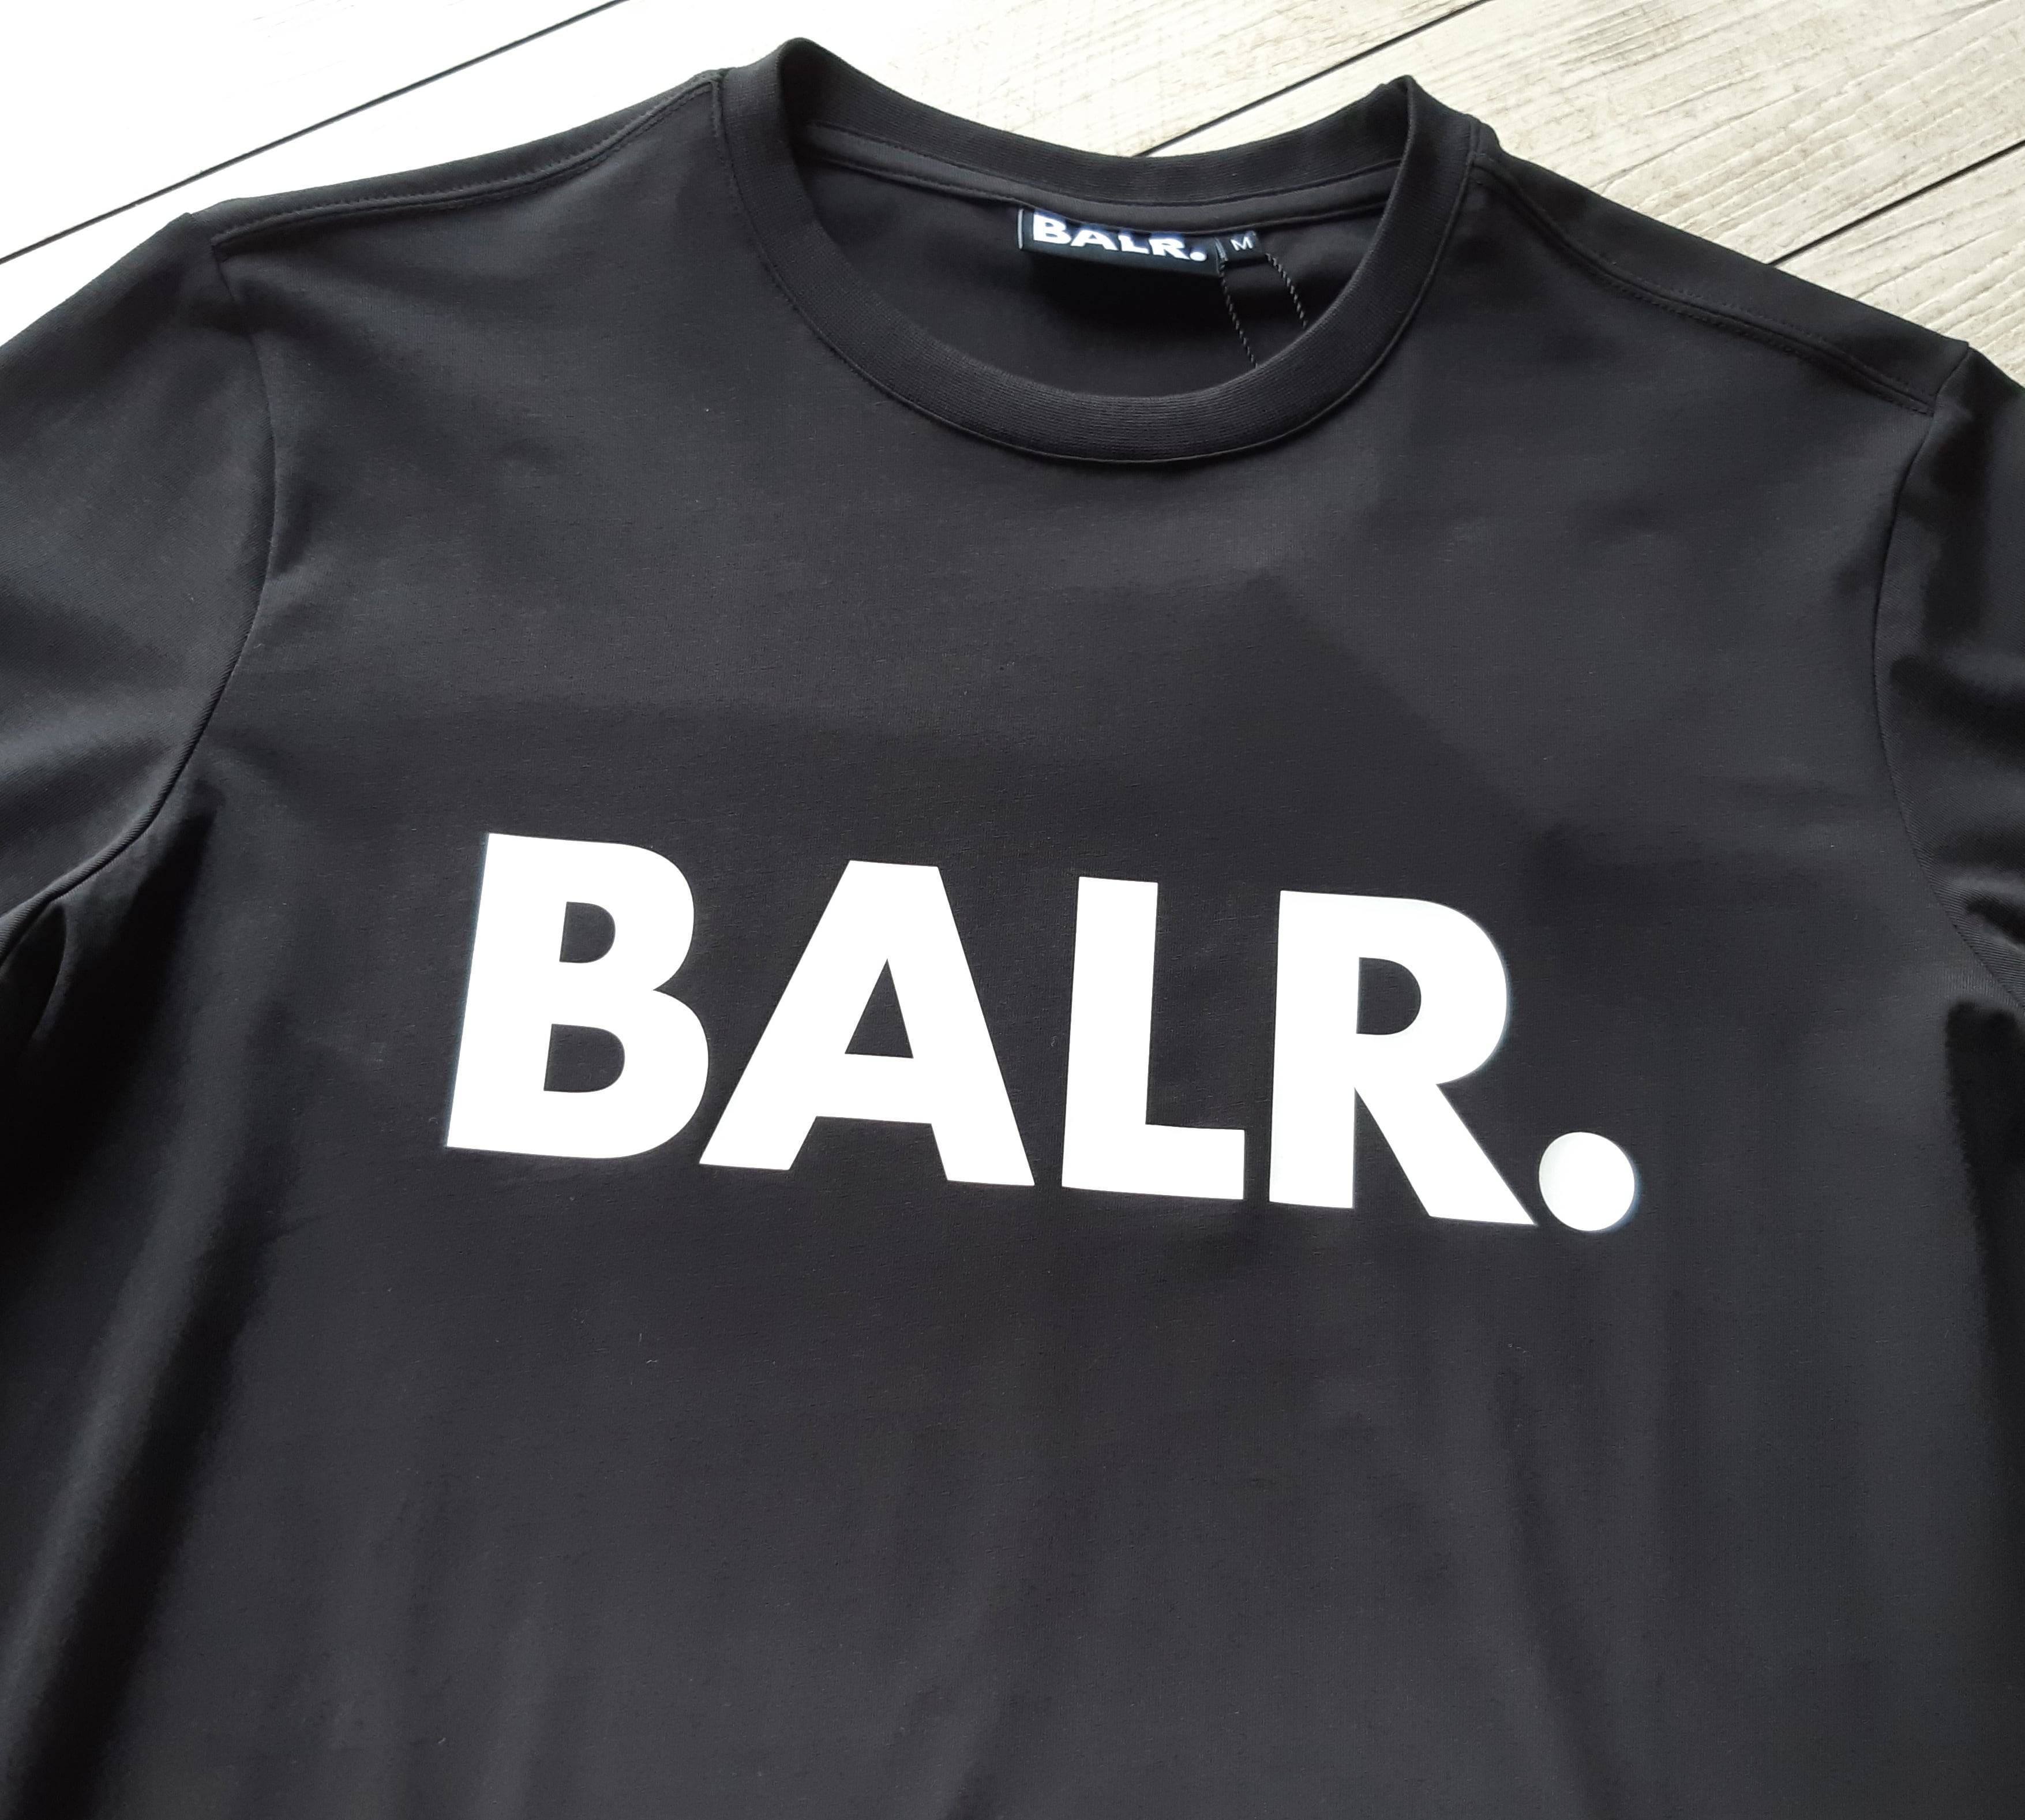 ボーラー BALR 半袖 Tシャツ クルーネック ロゴ Tシャツ BLACK B10001